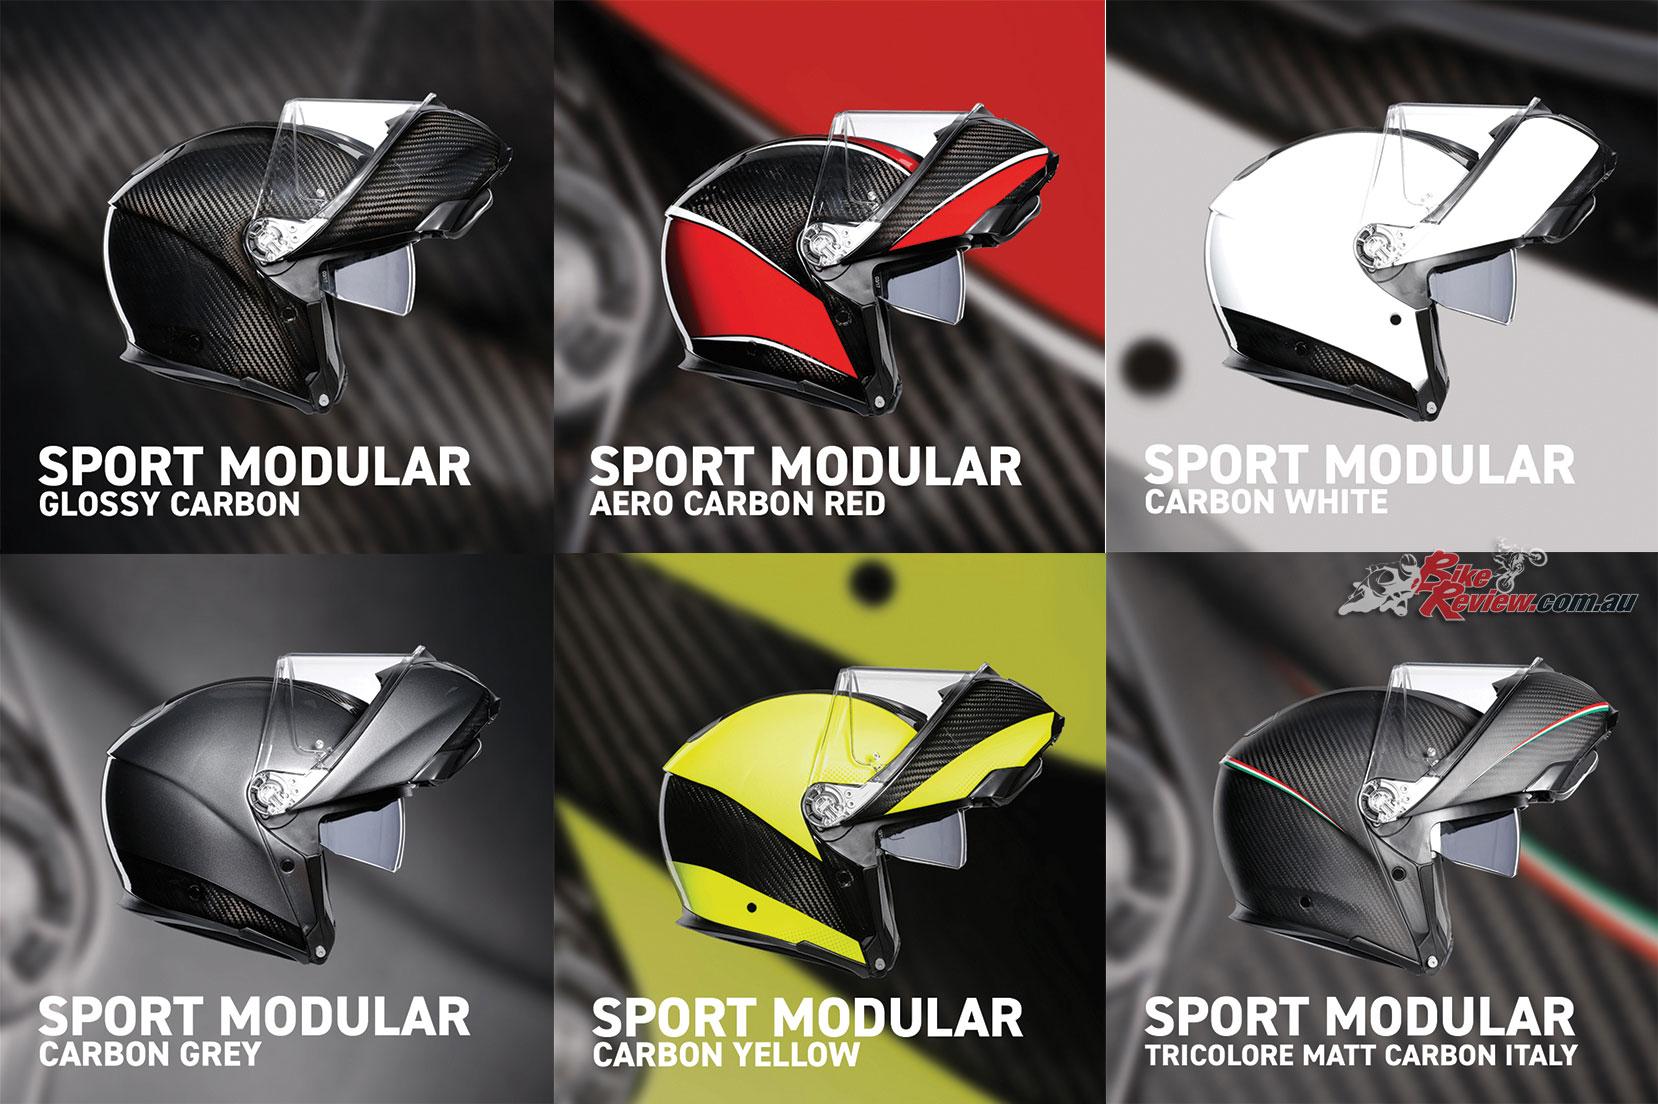 The AGV Sportmodular range